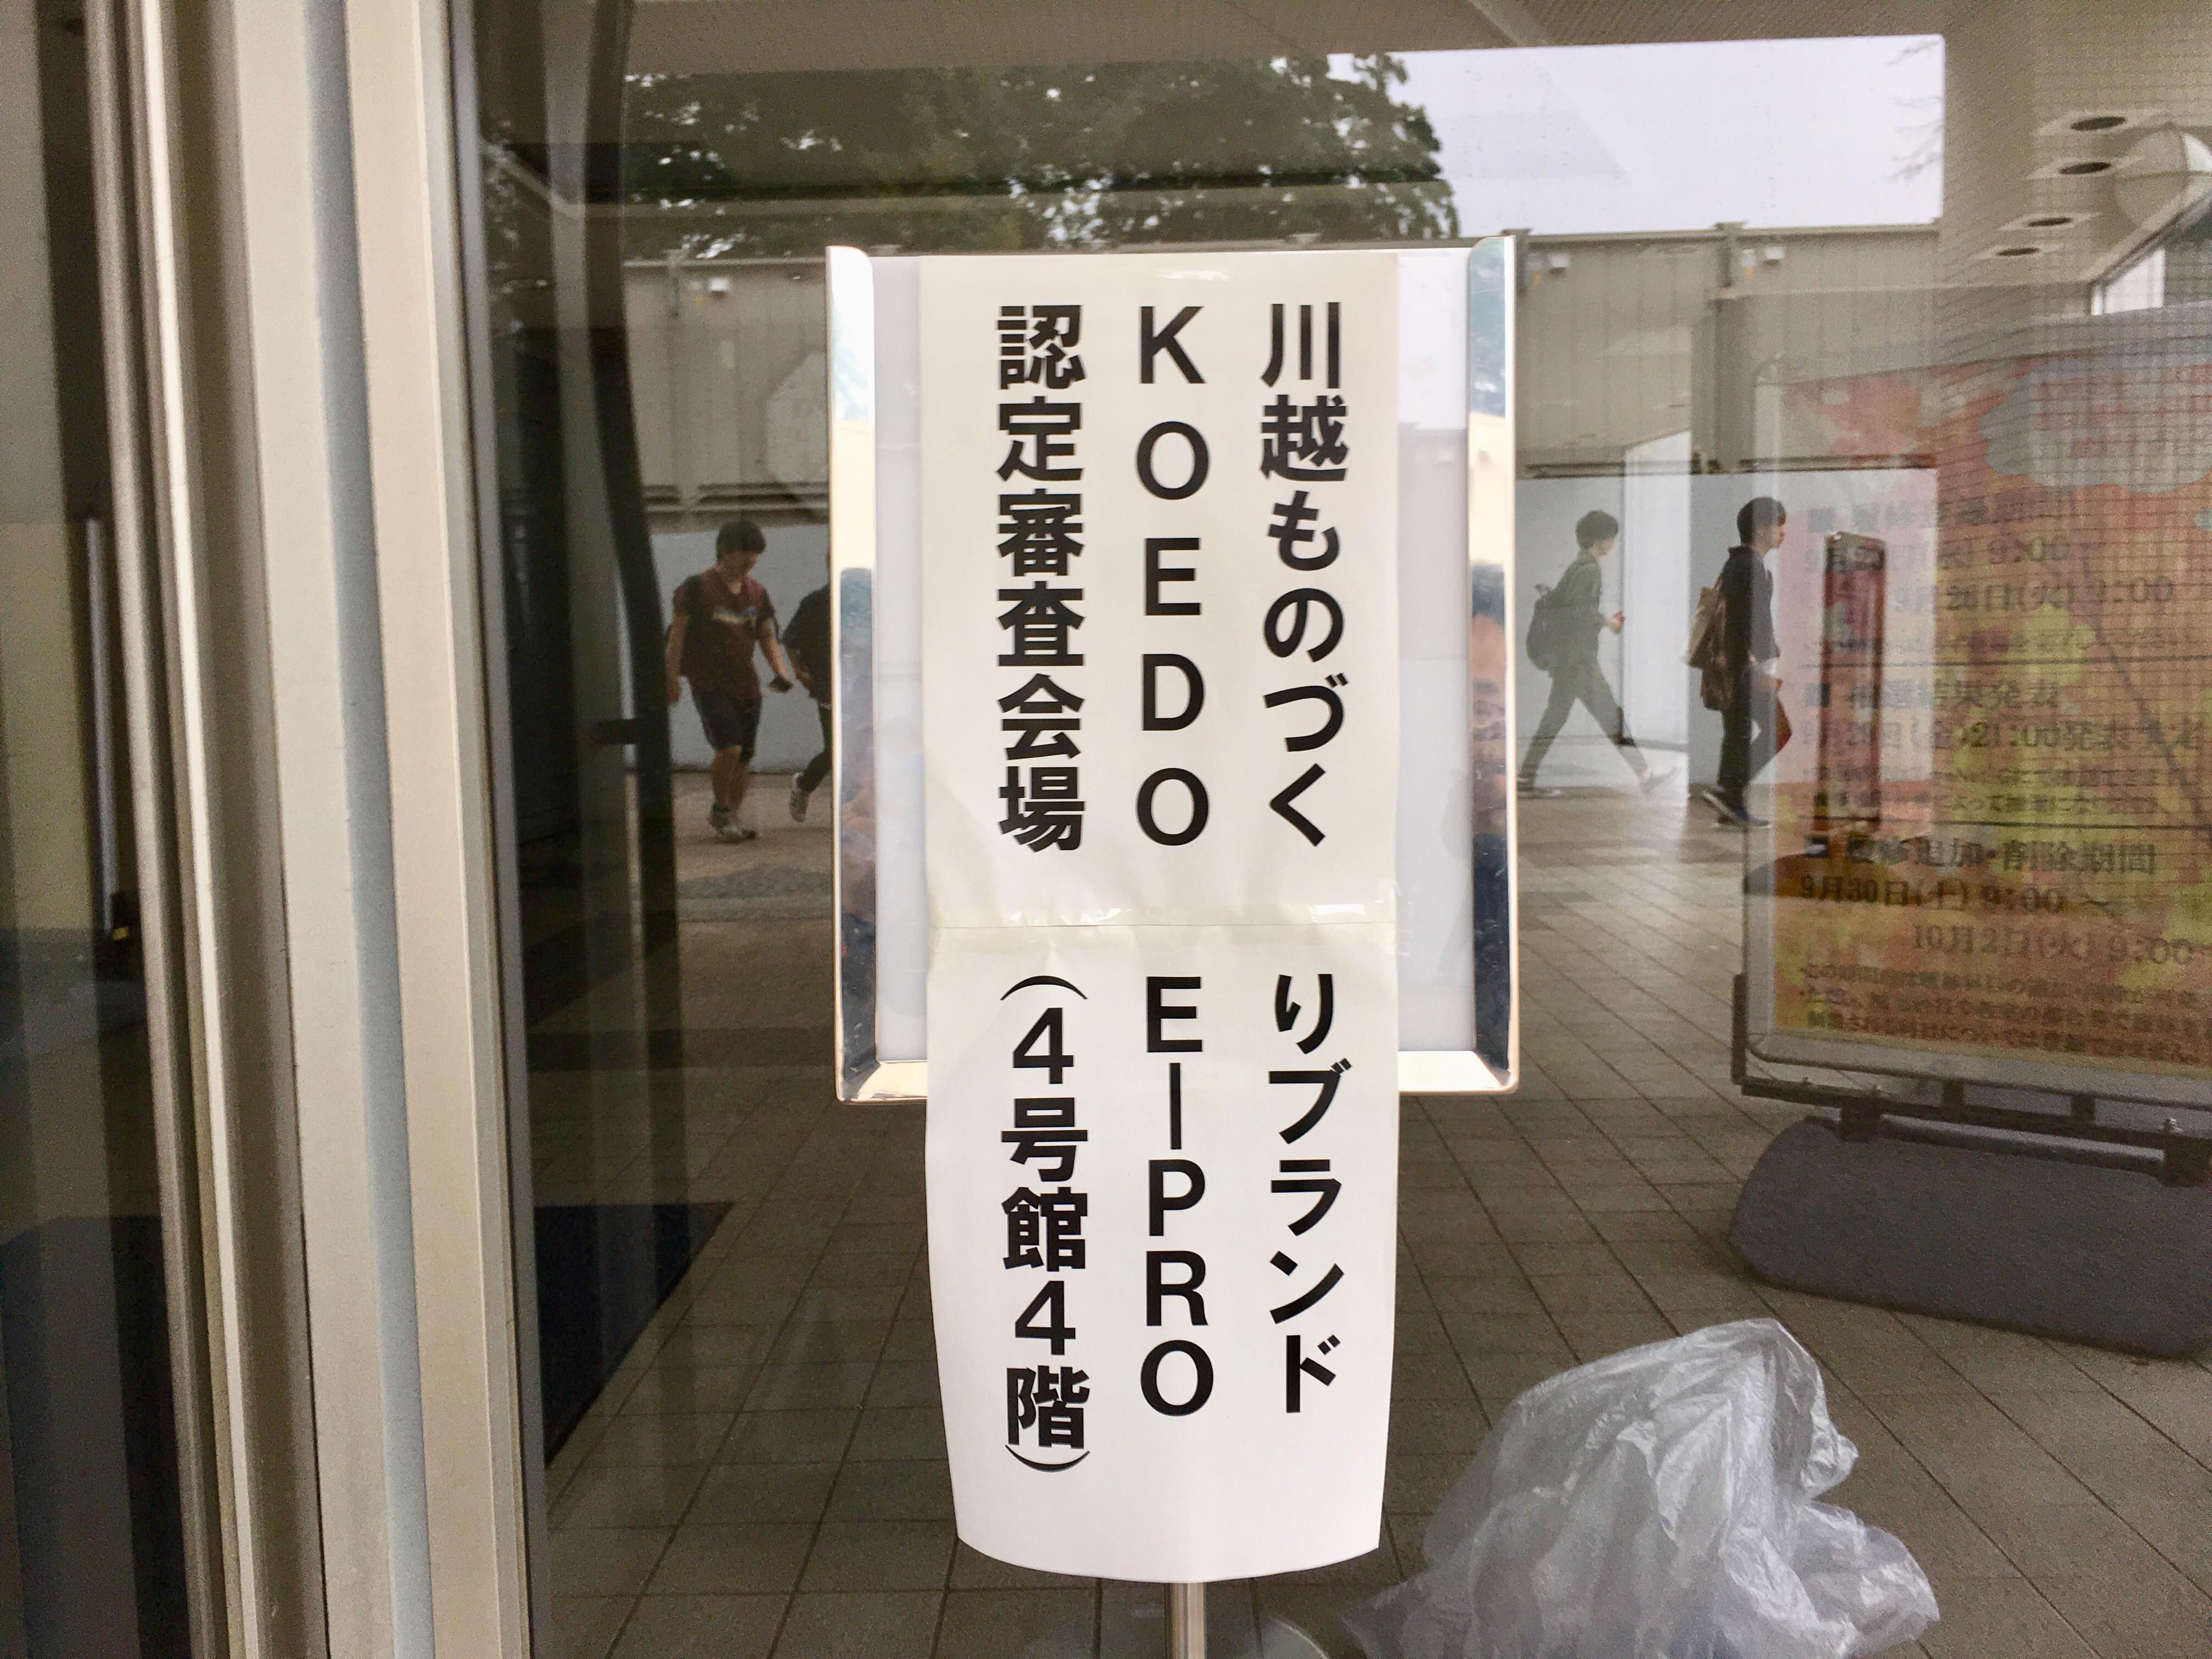 川越ものづくりブランド KOEDO E-PRO認定審査 イー・レンジャー株式会社